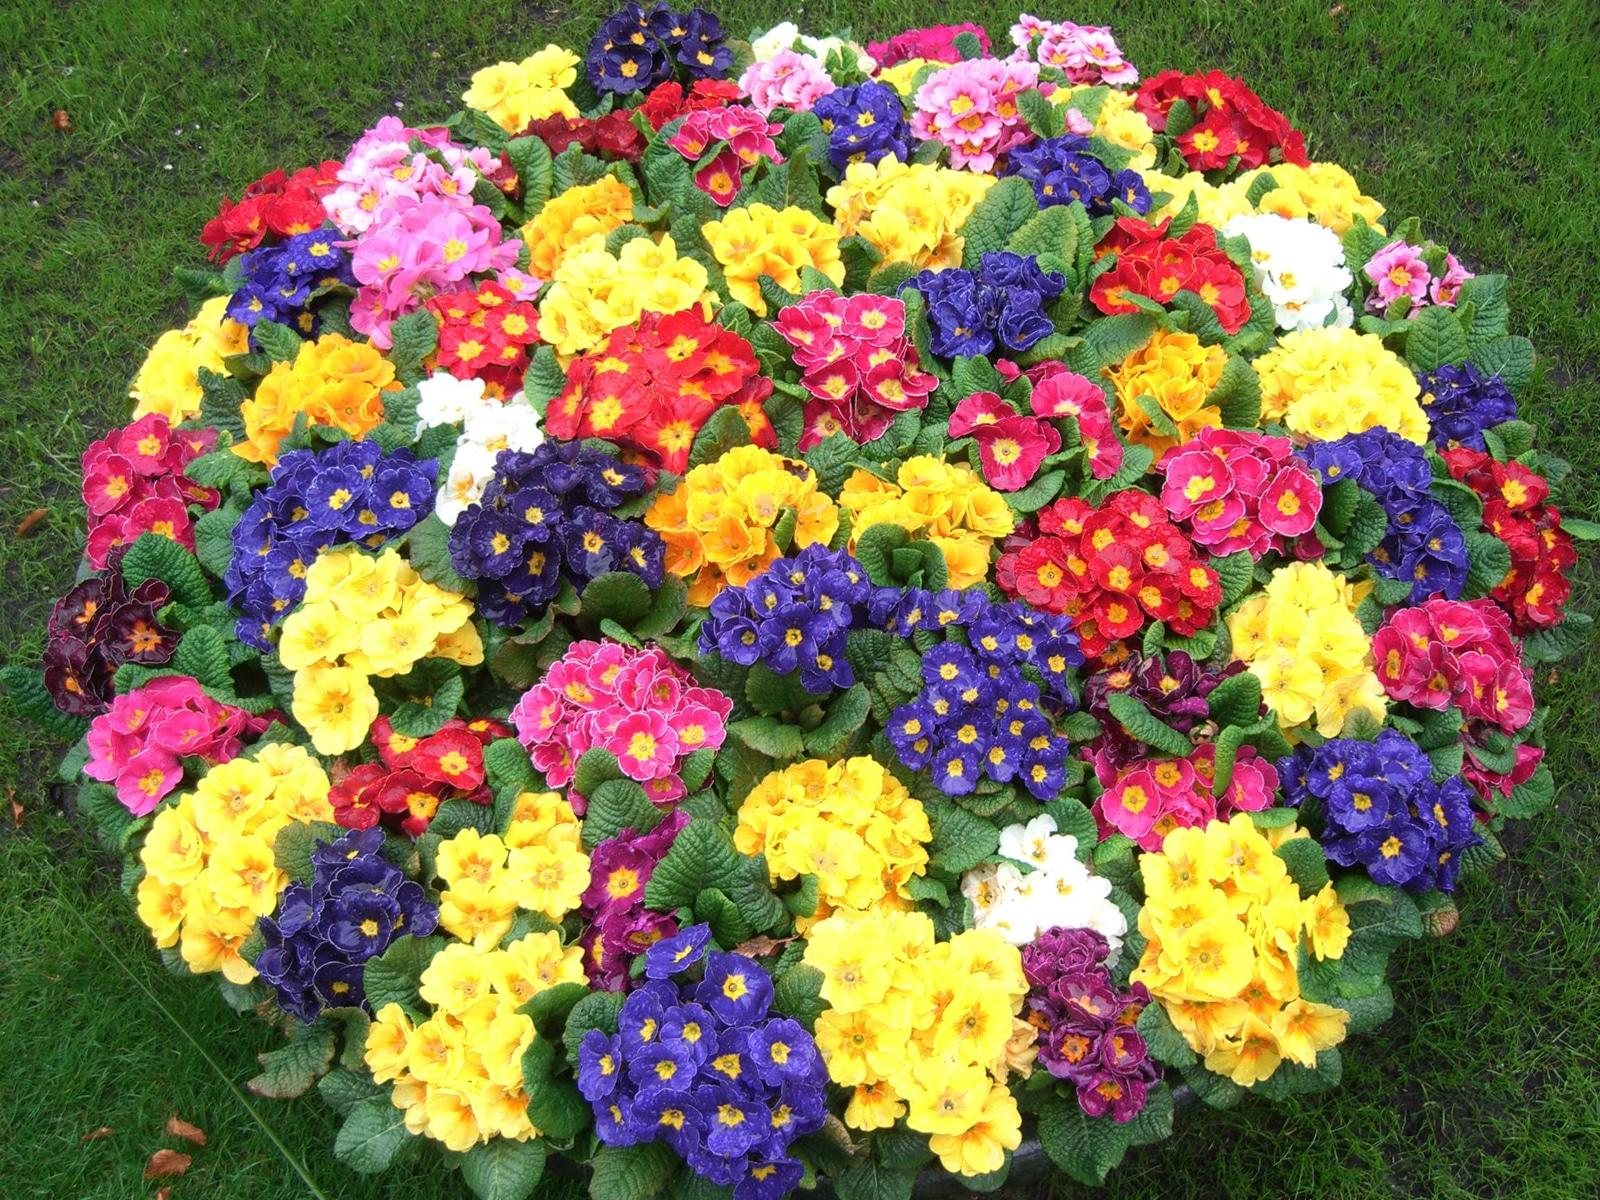 În Grădinile din Keukehof se regăsesc numeroase specii de flori